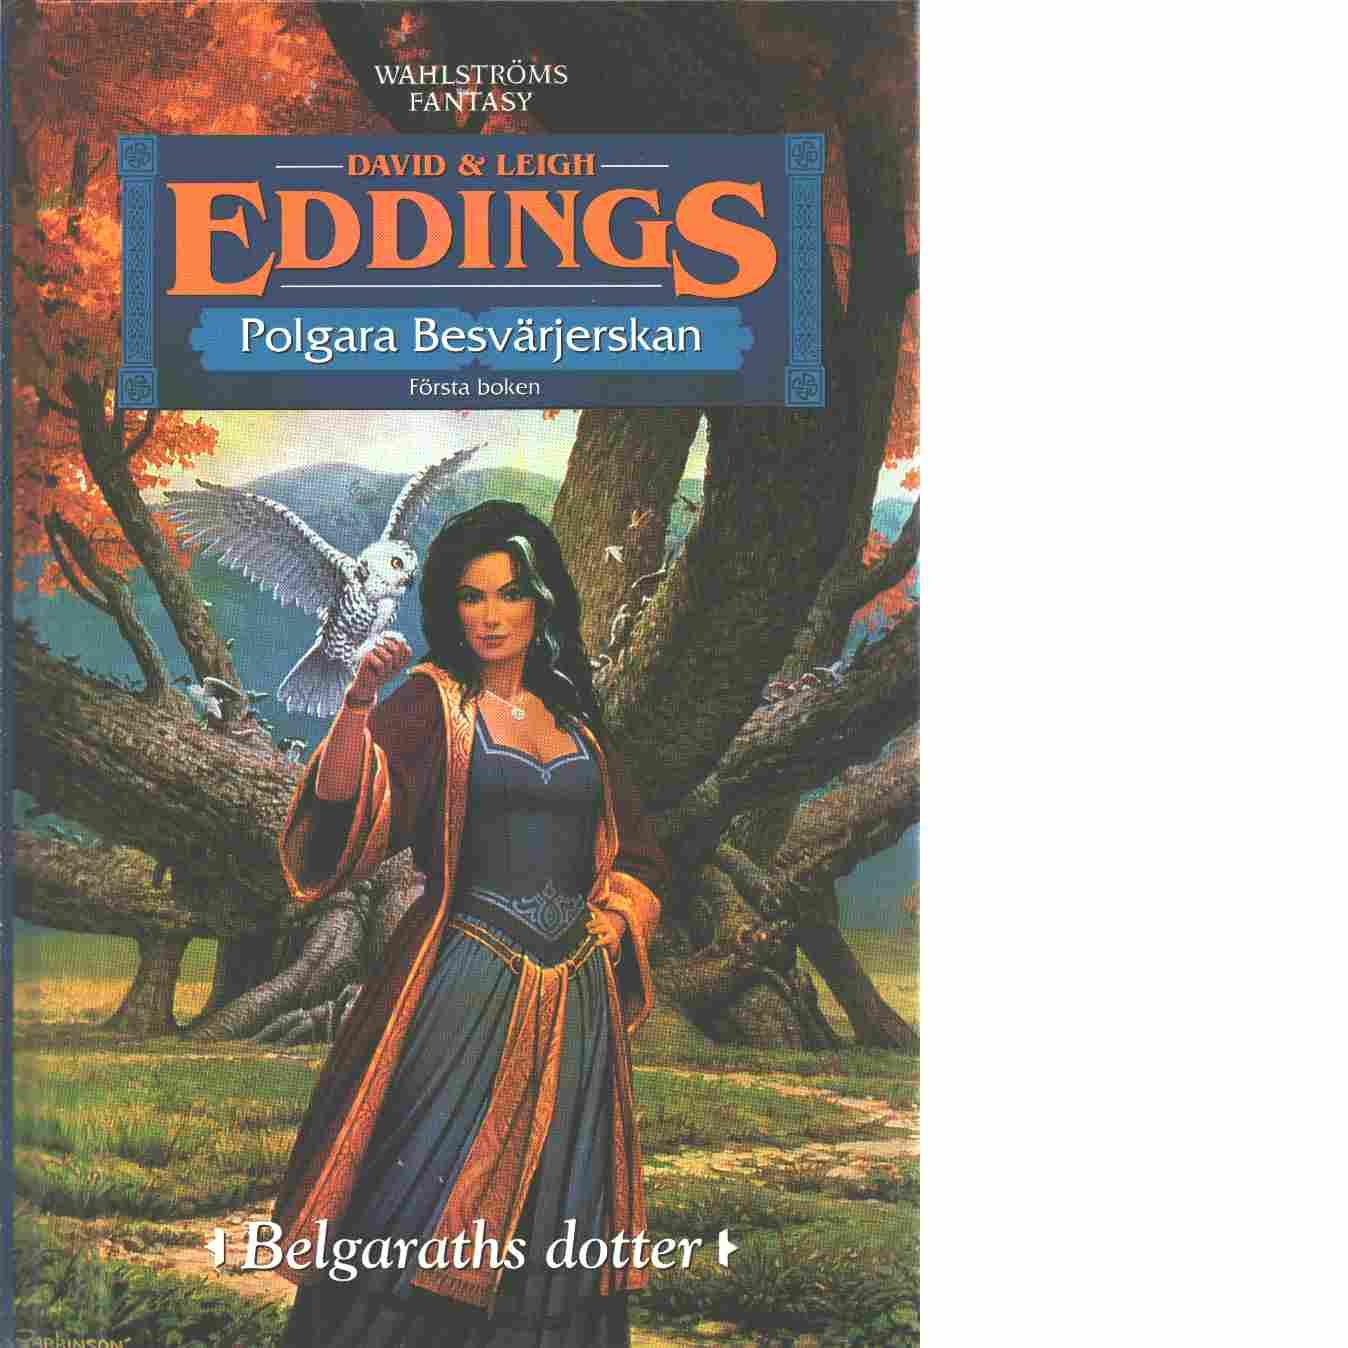 Polgara besvärjerskan. Bok 1, Belgaraths dotter - Eddings, David och Eddings, Leigh